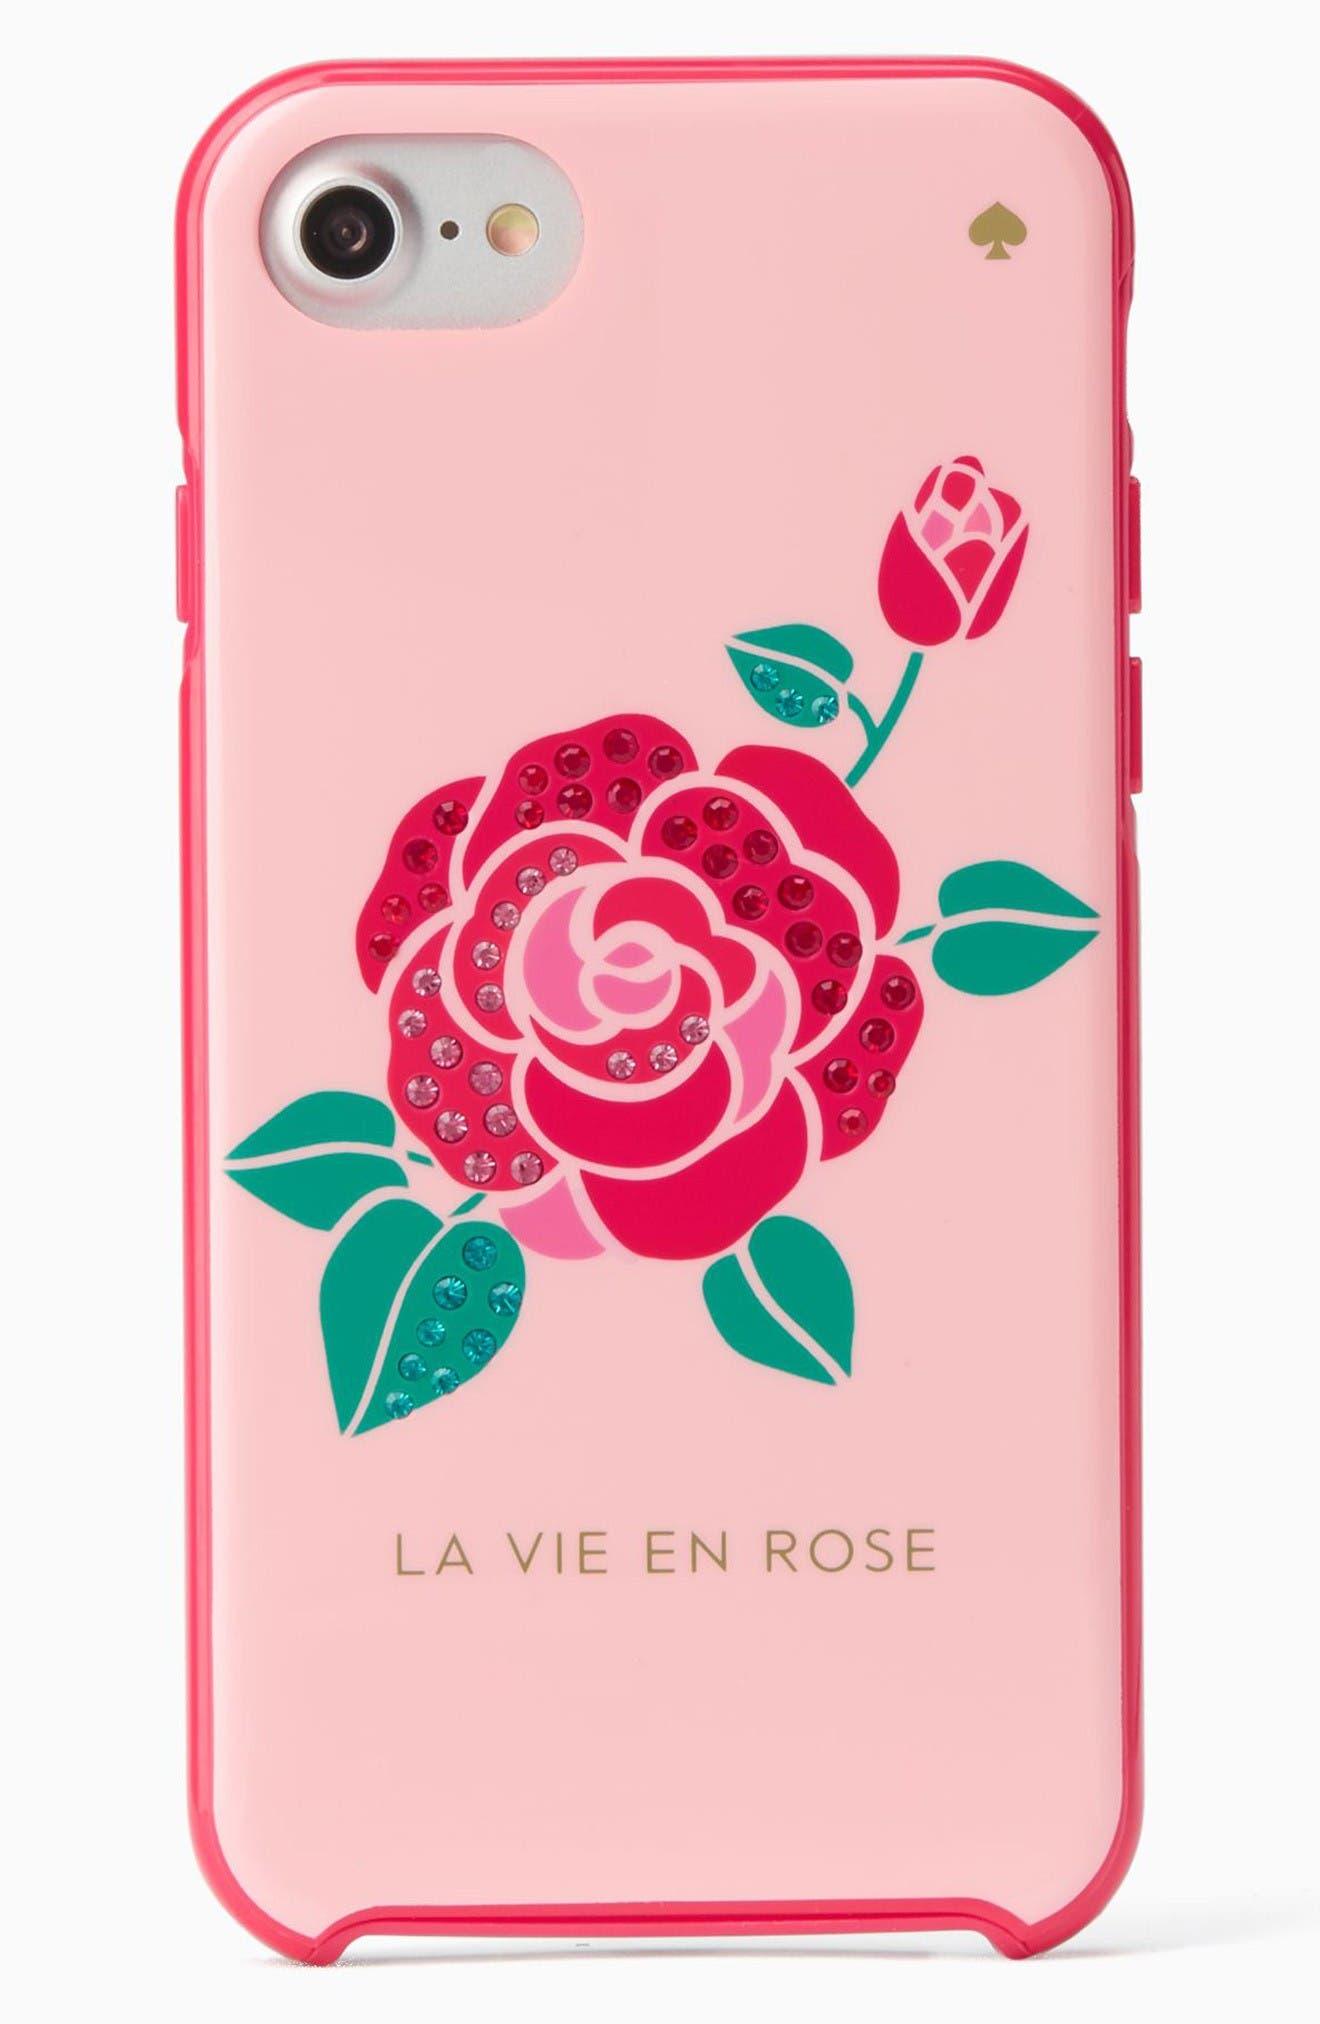 Alternate Image 1 Selected - kate spade new york la vie en rose iPhone 7 & 7 Plus case